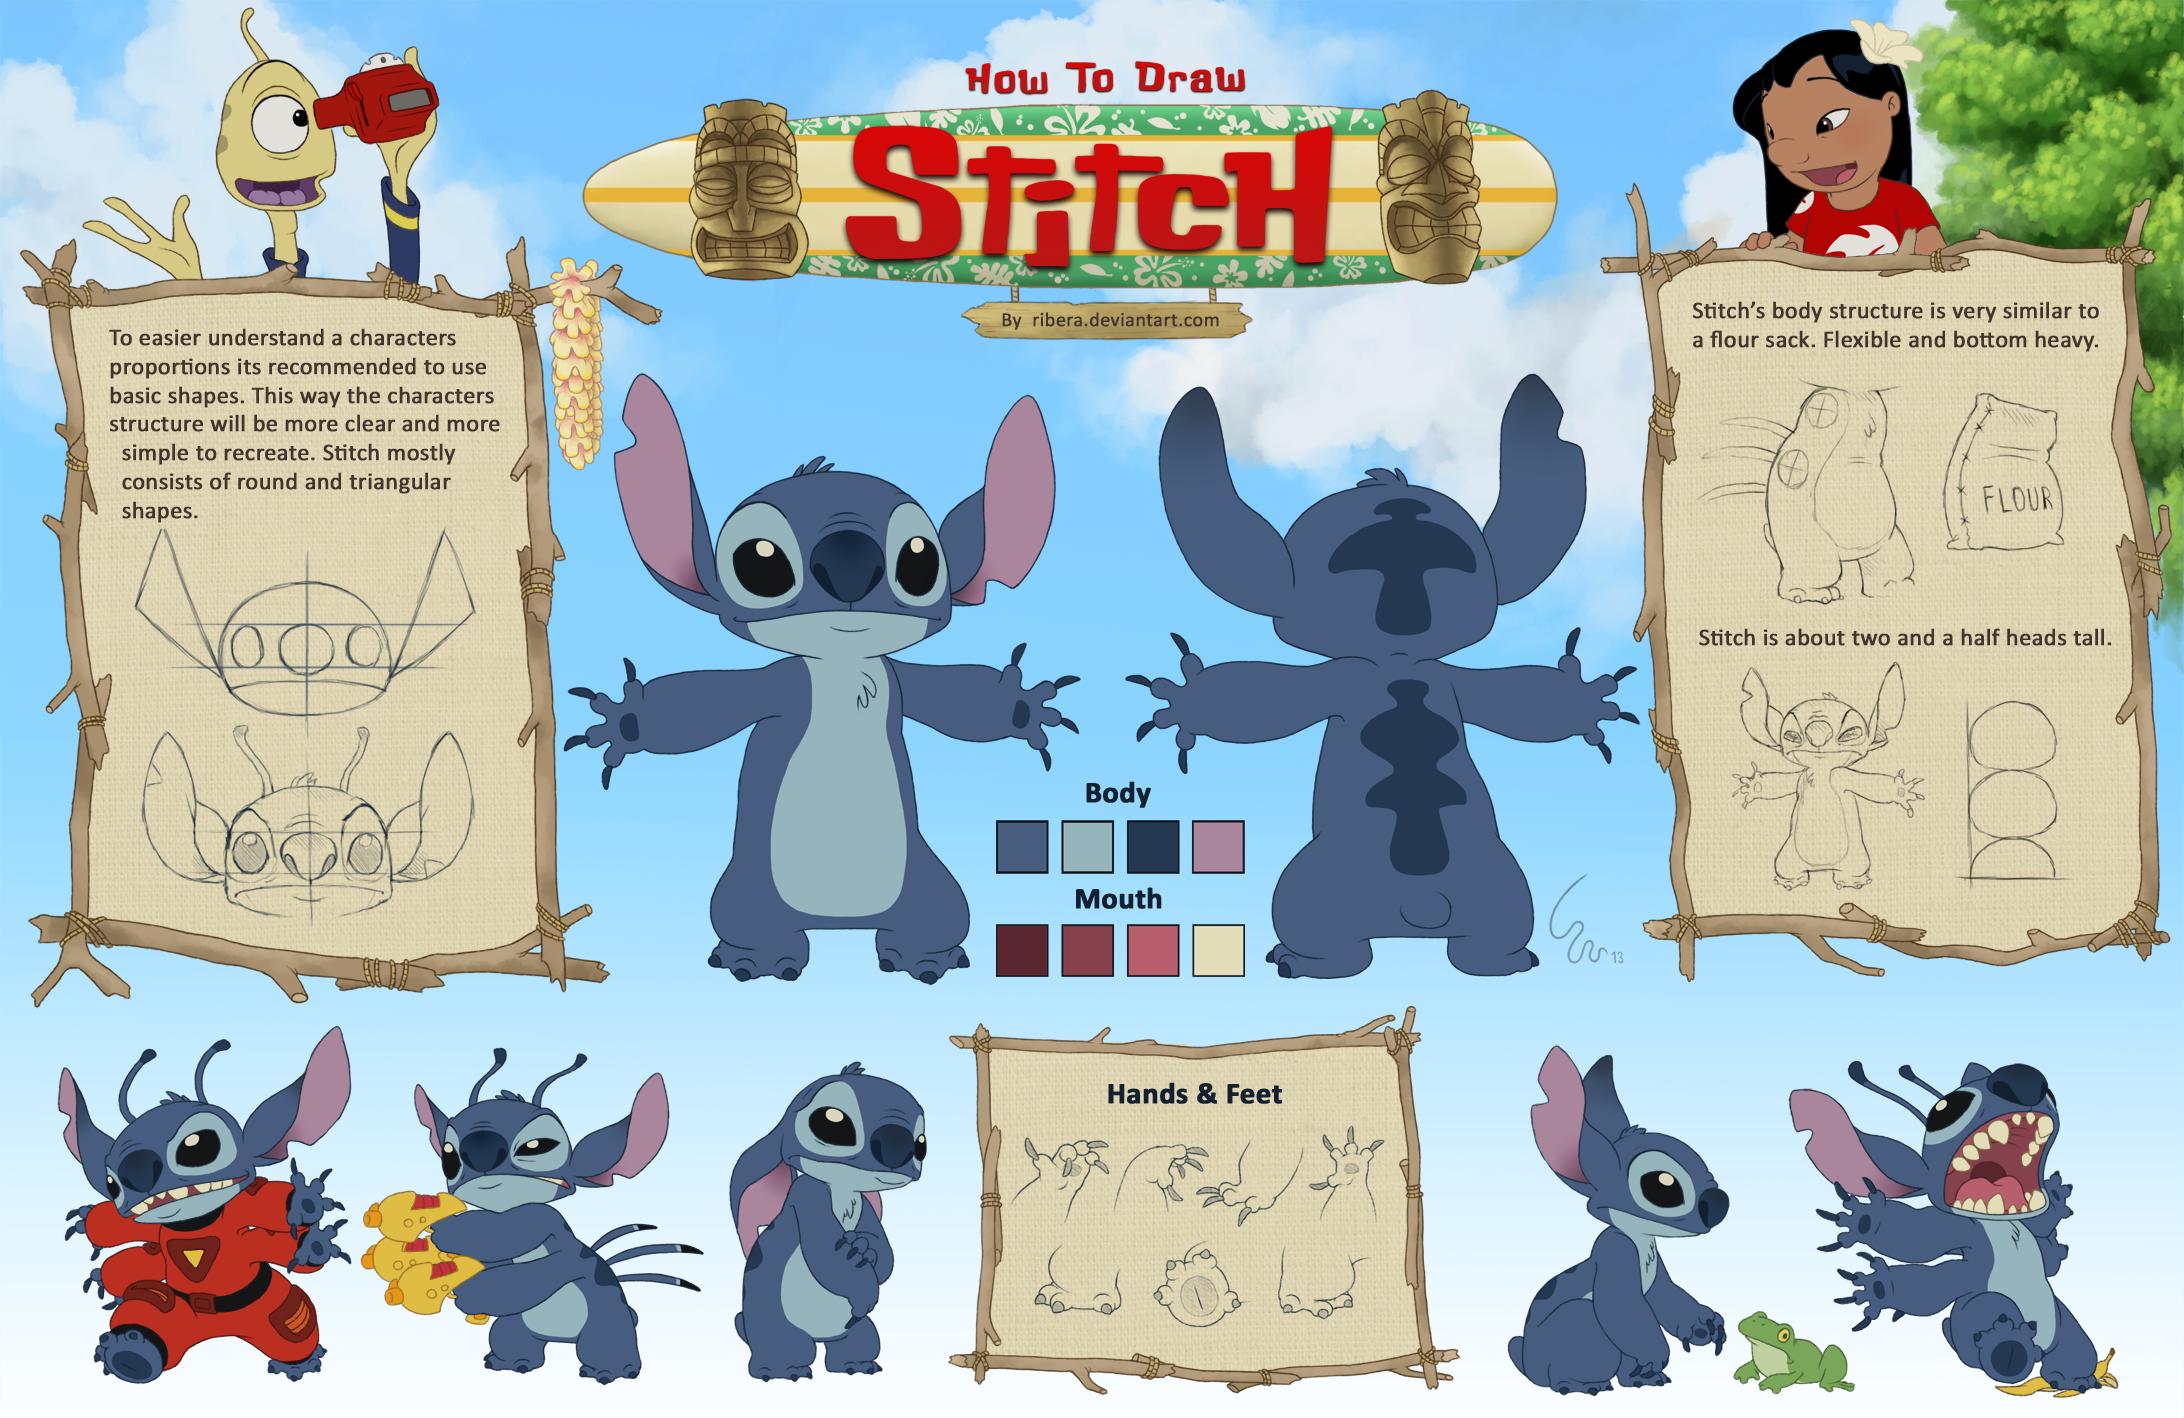 How to Draw Stitch From Lilo And Stitch How to Draw Stitch by